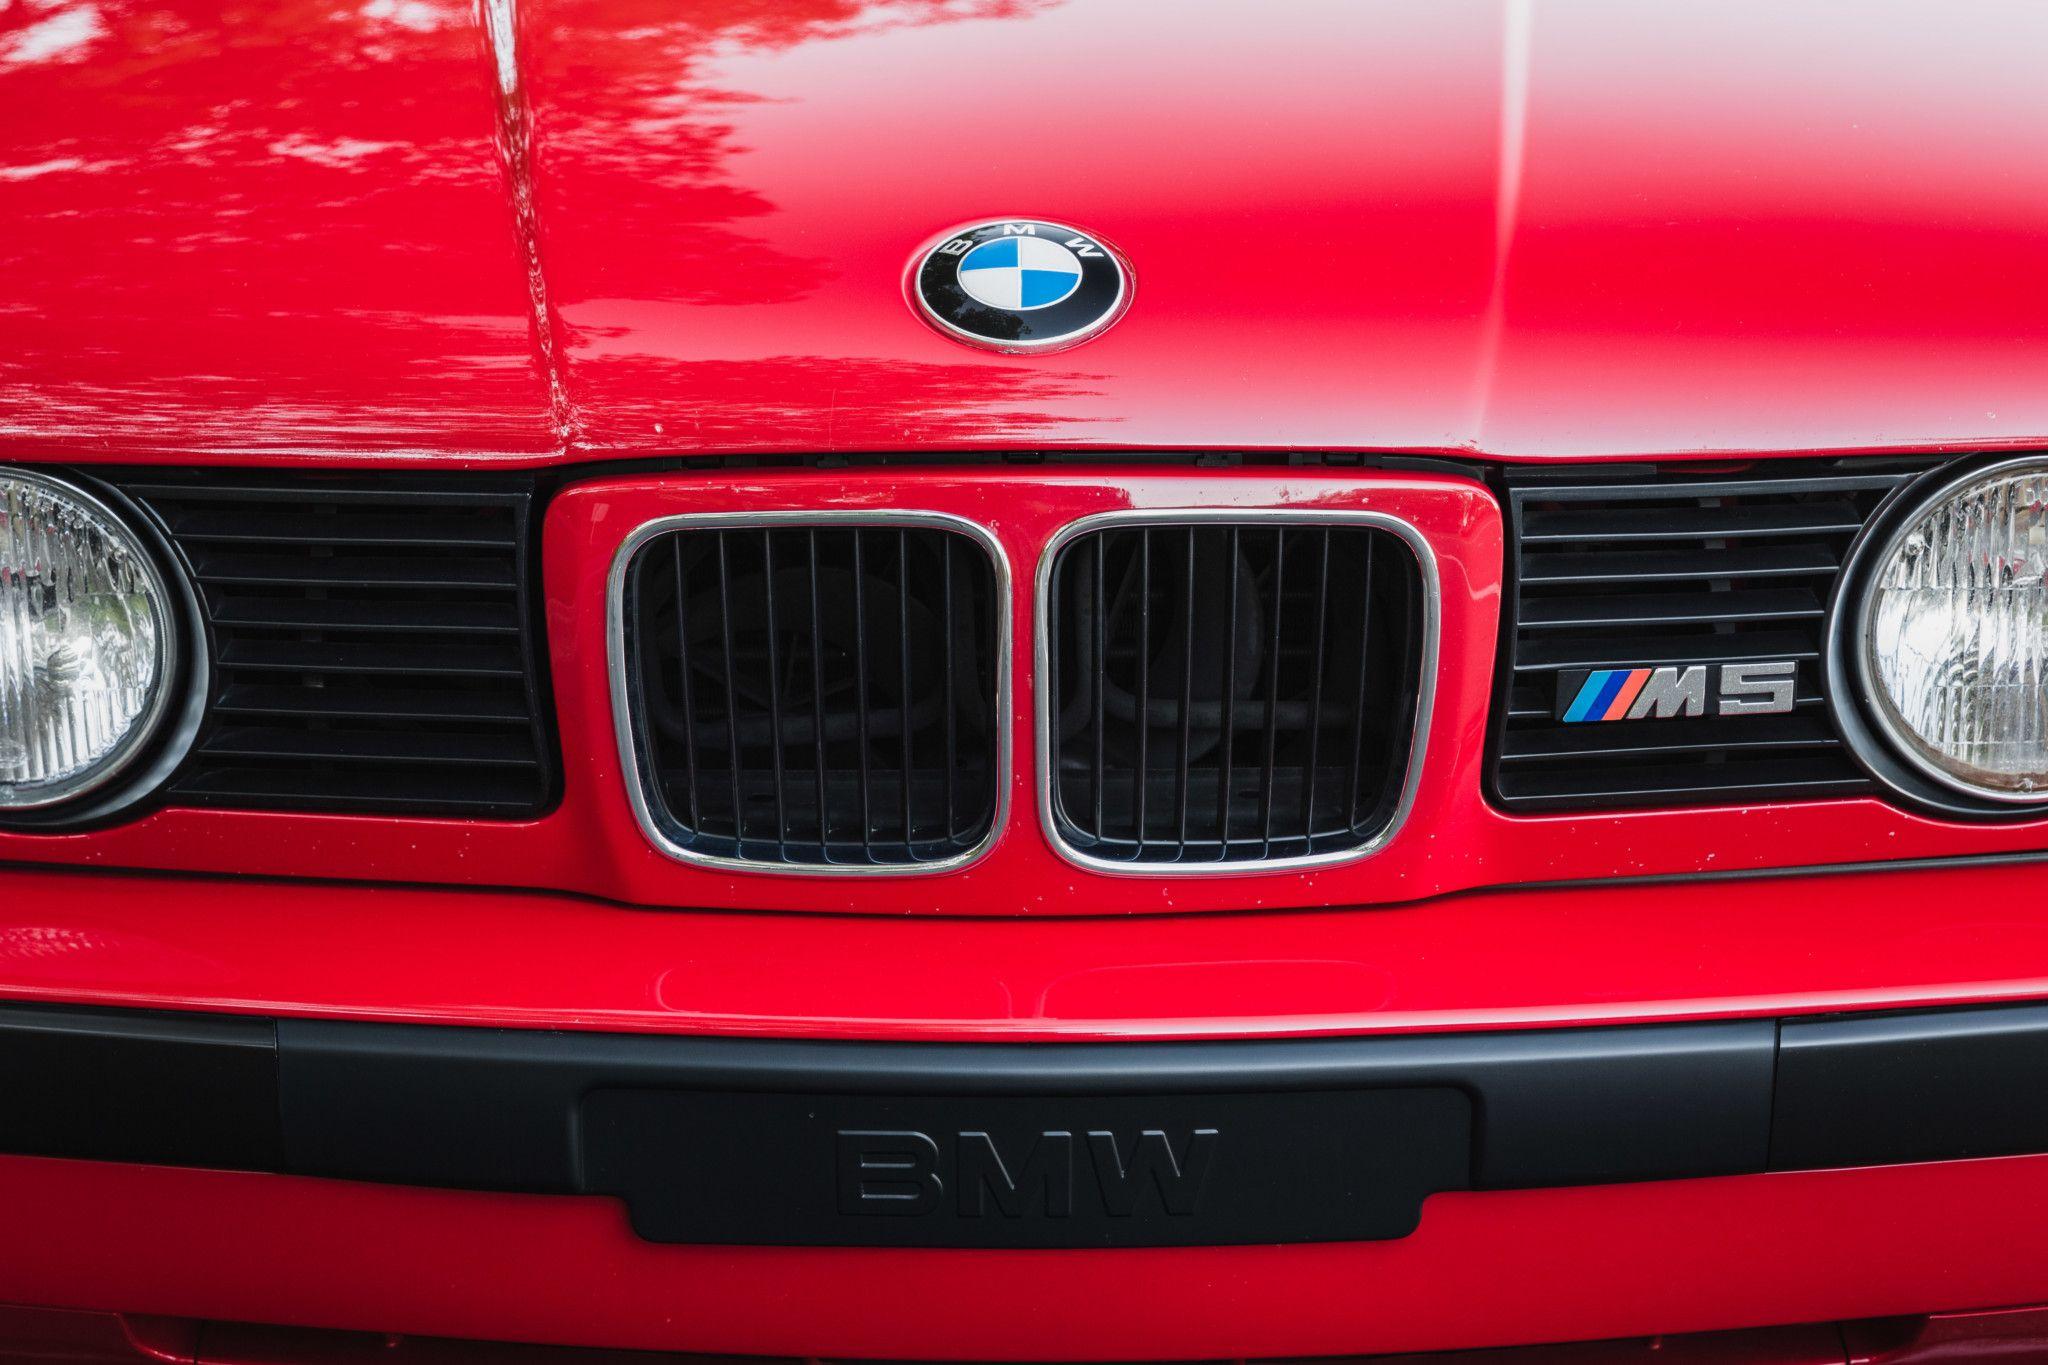 1991 bmw m5, 2020 (Görüntüler ile)